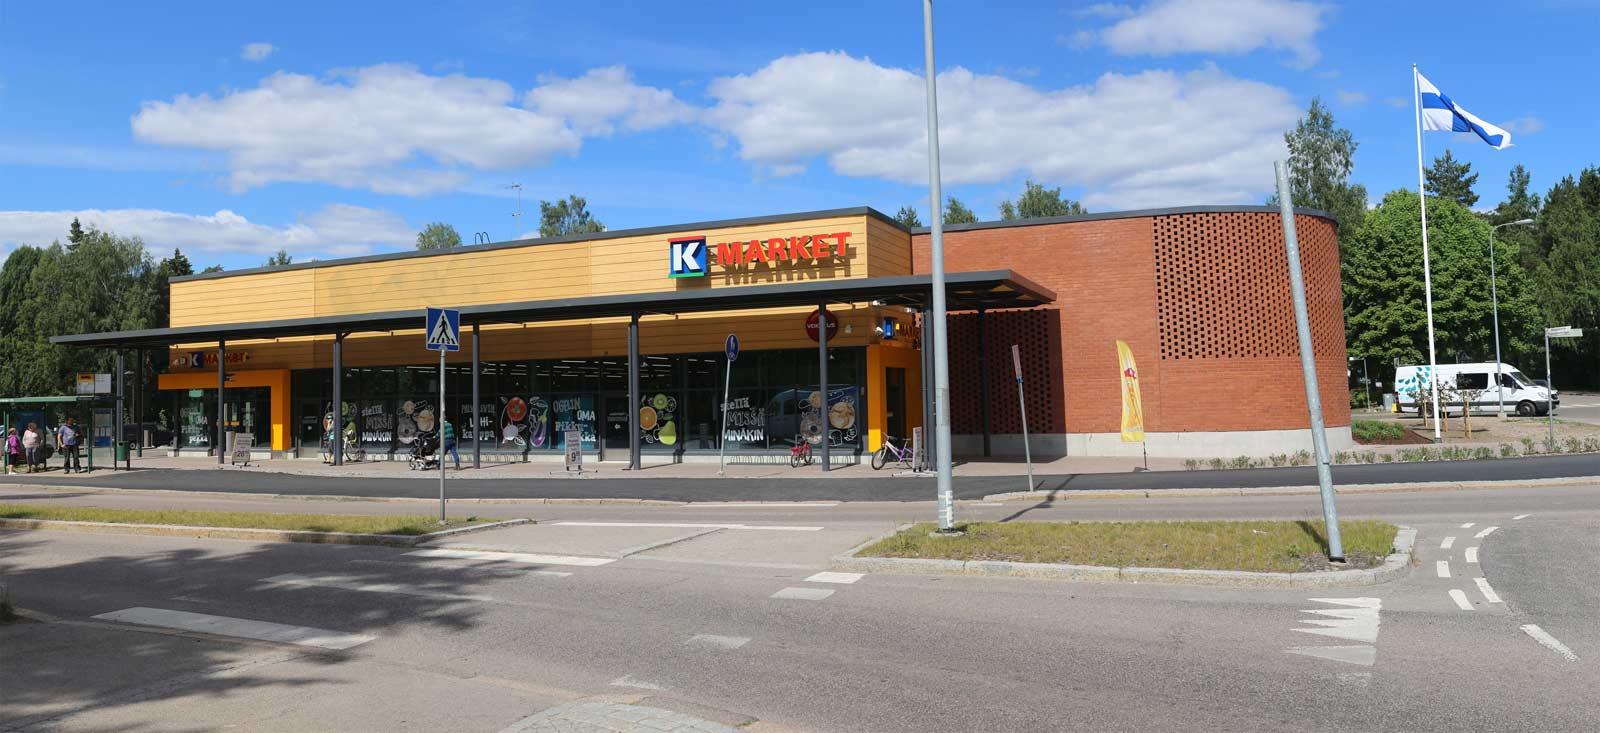 K-Market Oulunkylä, lämmitys- ja käyttövesiputkiston asennukset